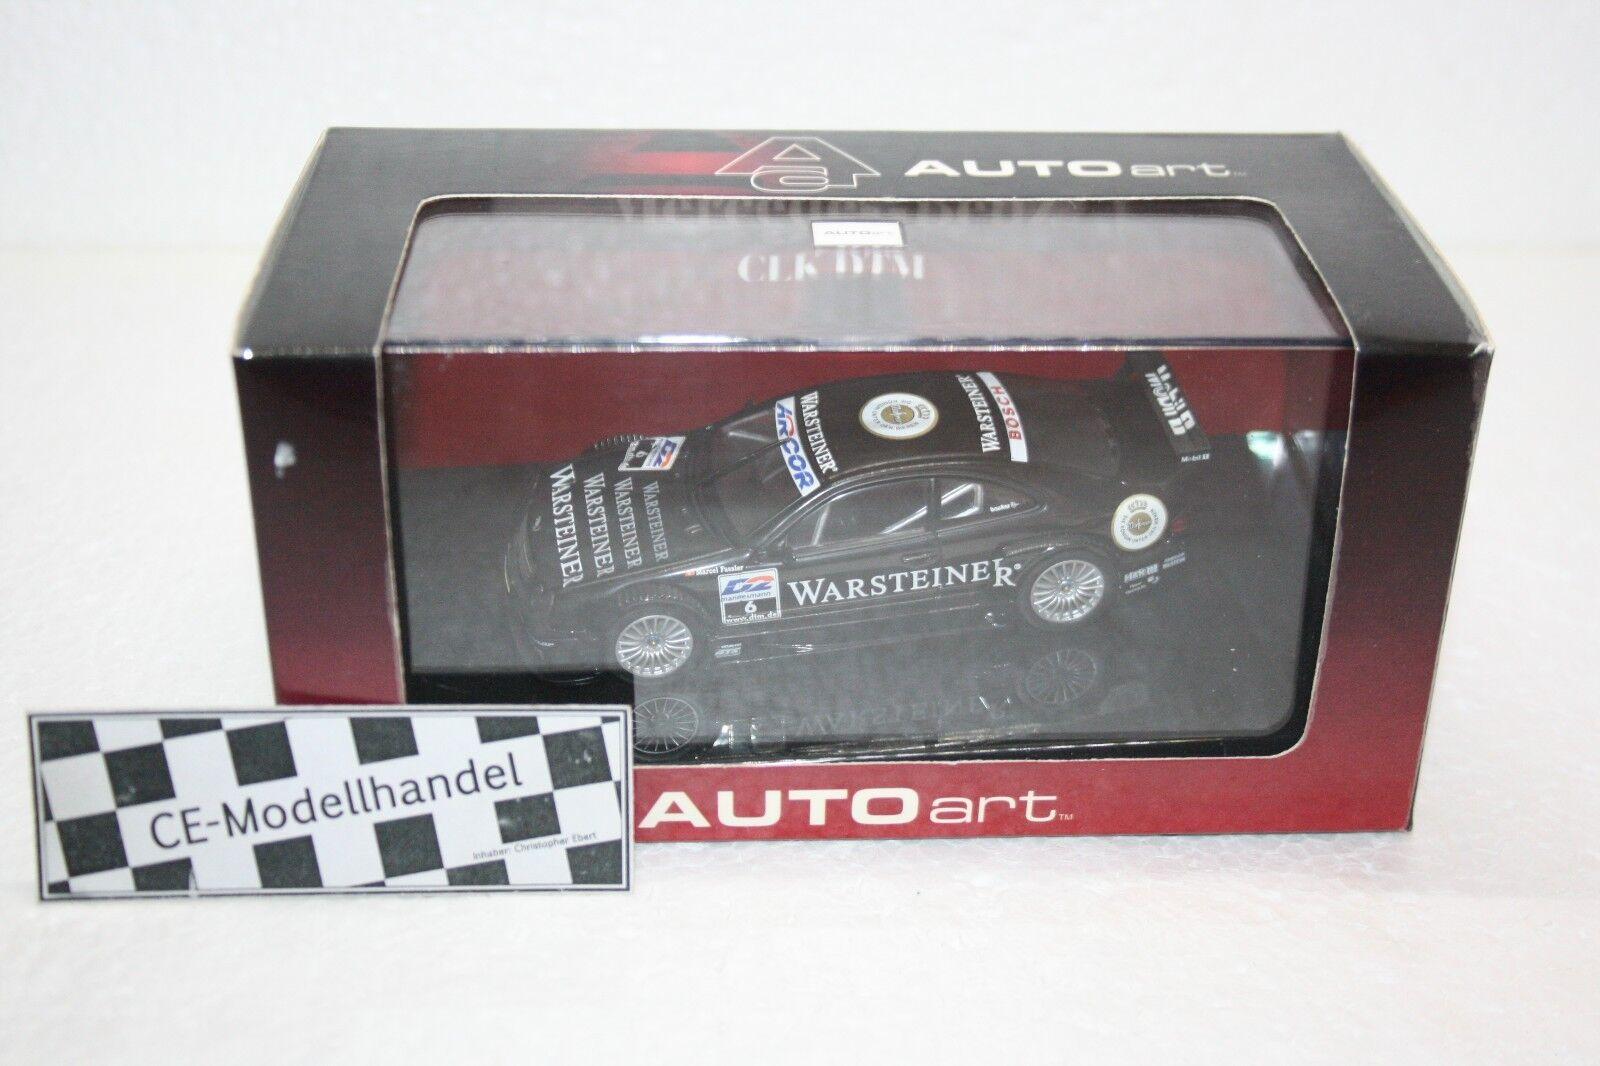 Mercedes-Benz CLK-DTM AMG   6 M. Fässler • 2000 • CarArt • 1 43